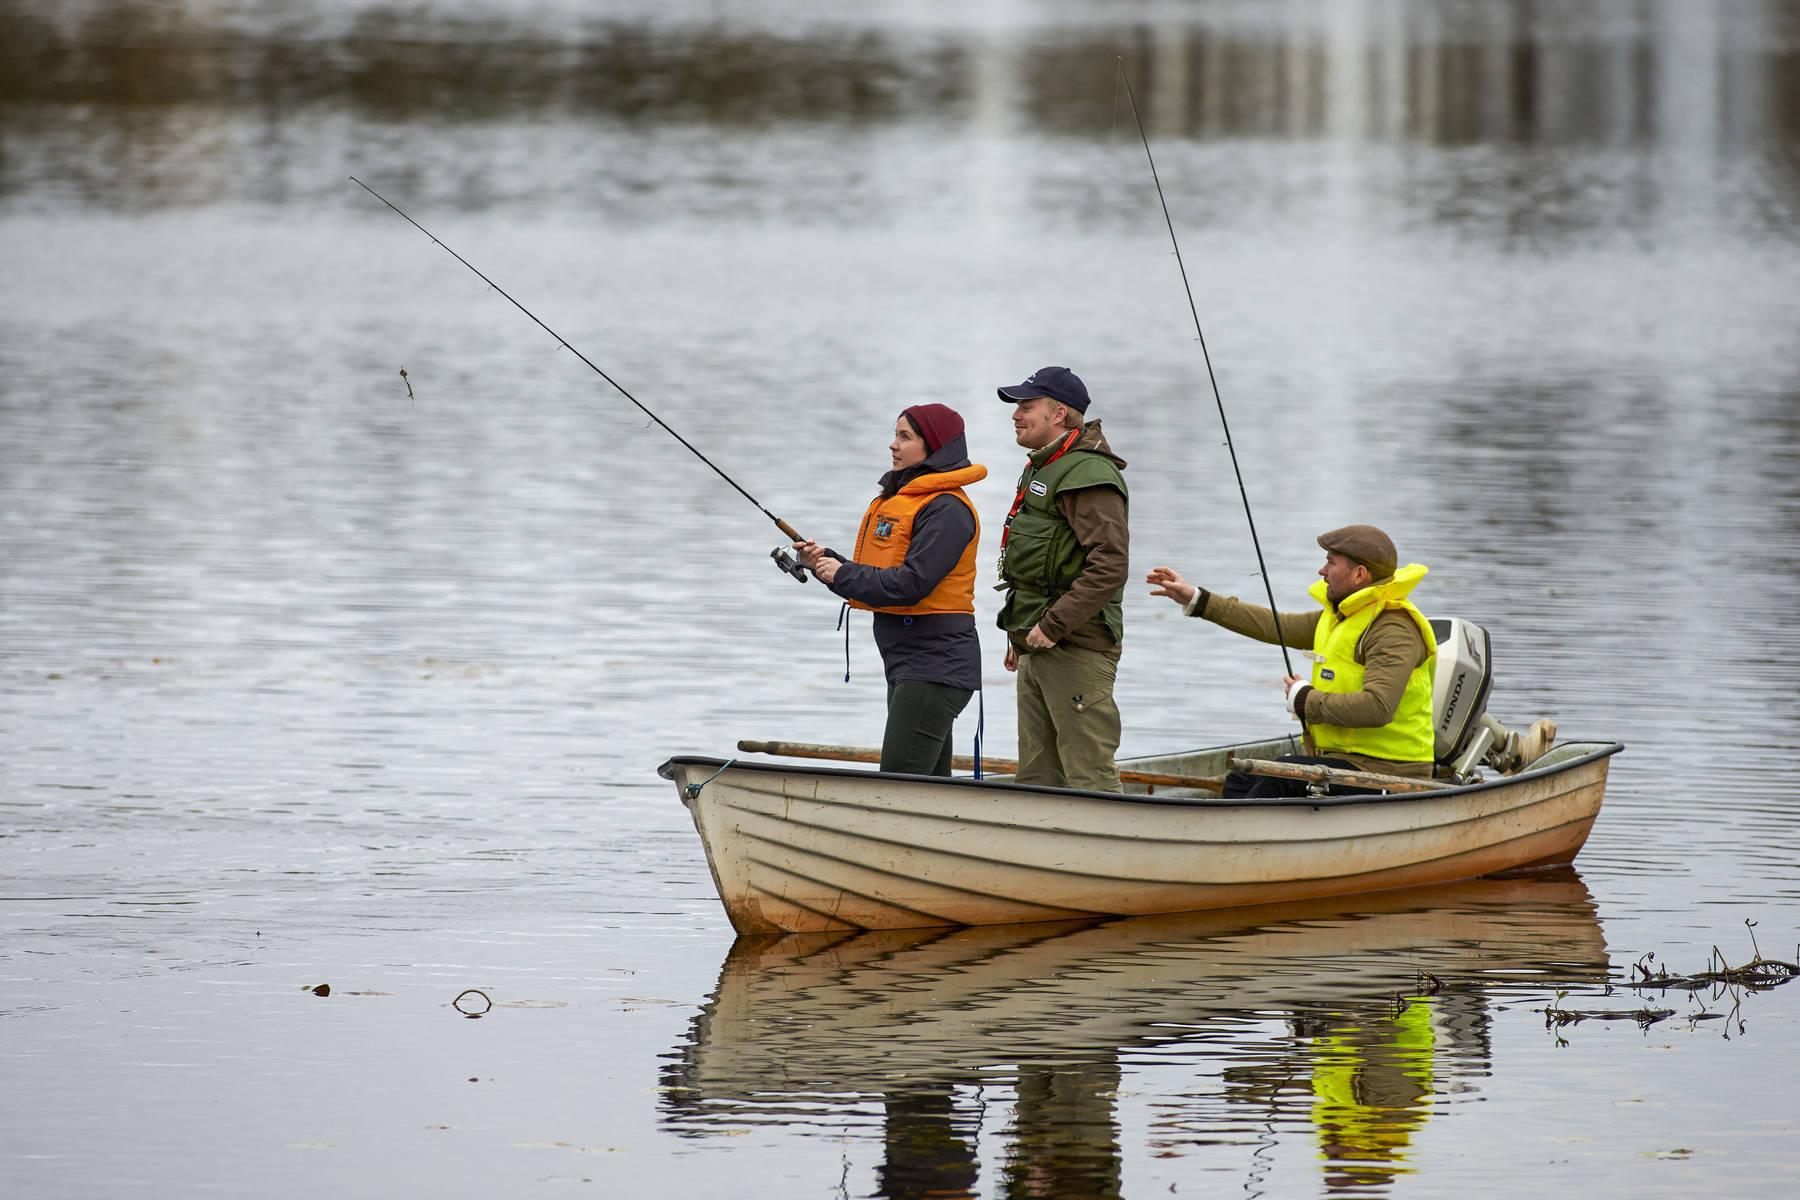 par ute med fiskeguide i båten